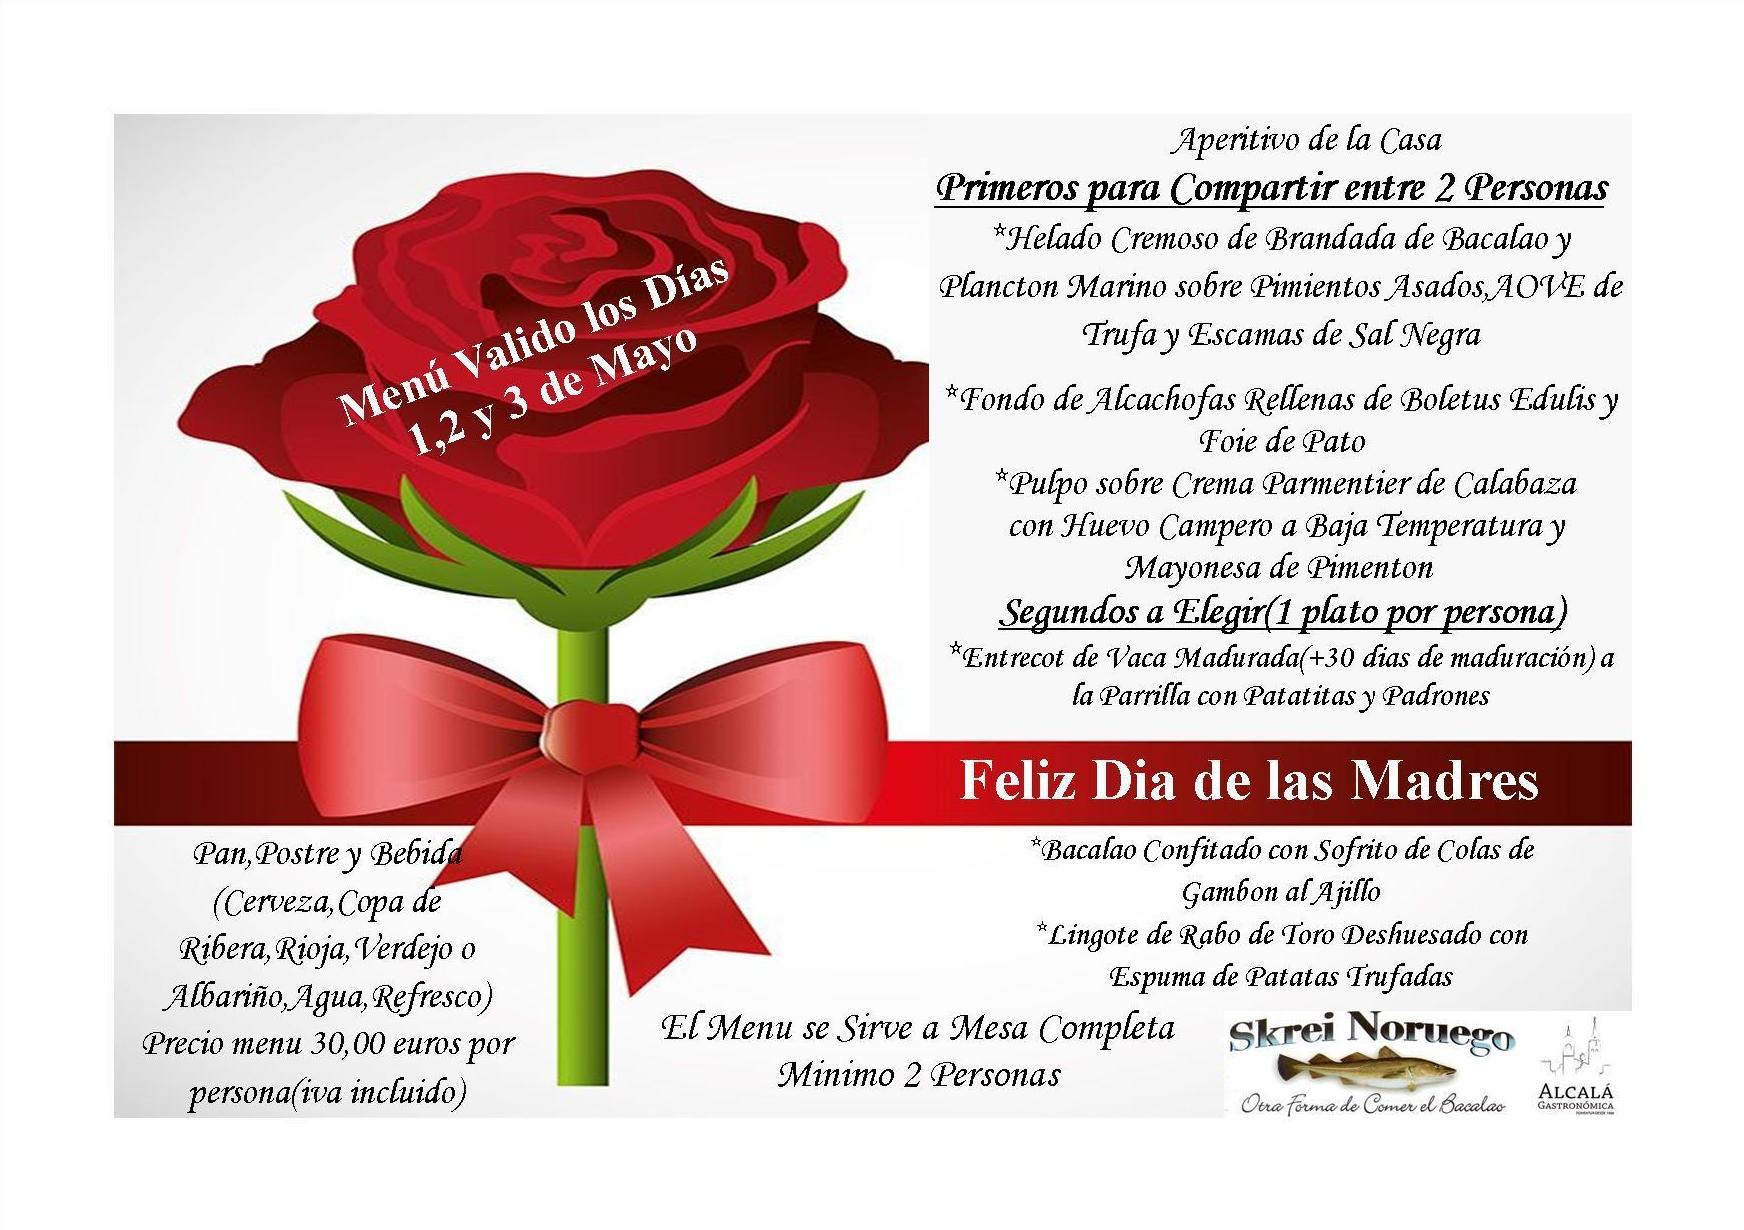 Feliz Dia de las Madres-Menu Valido los Dias 1,2 y 3 de Mayo!!!